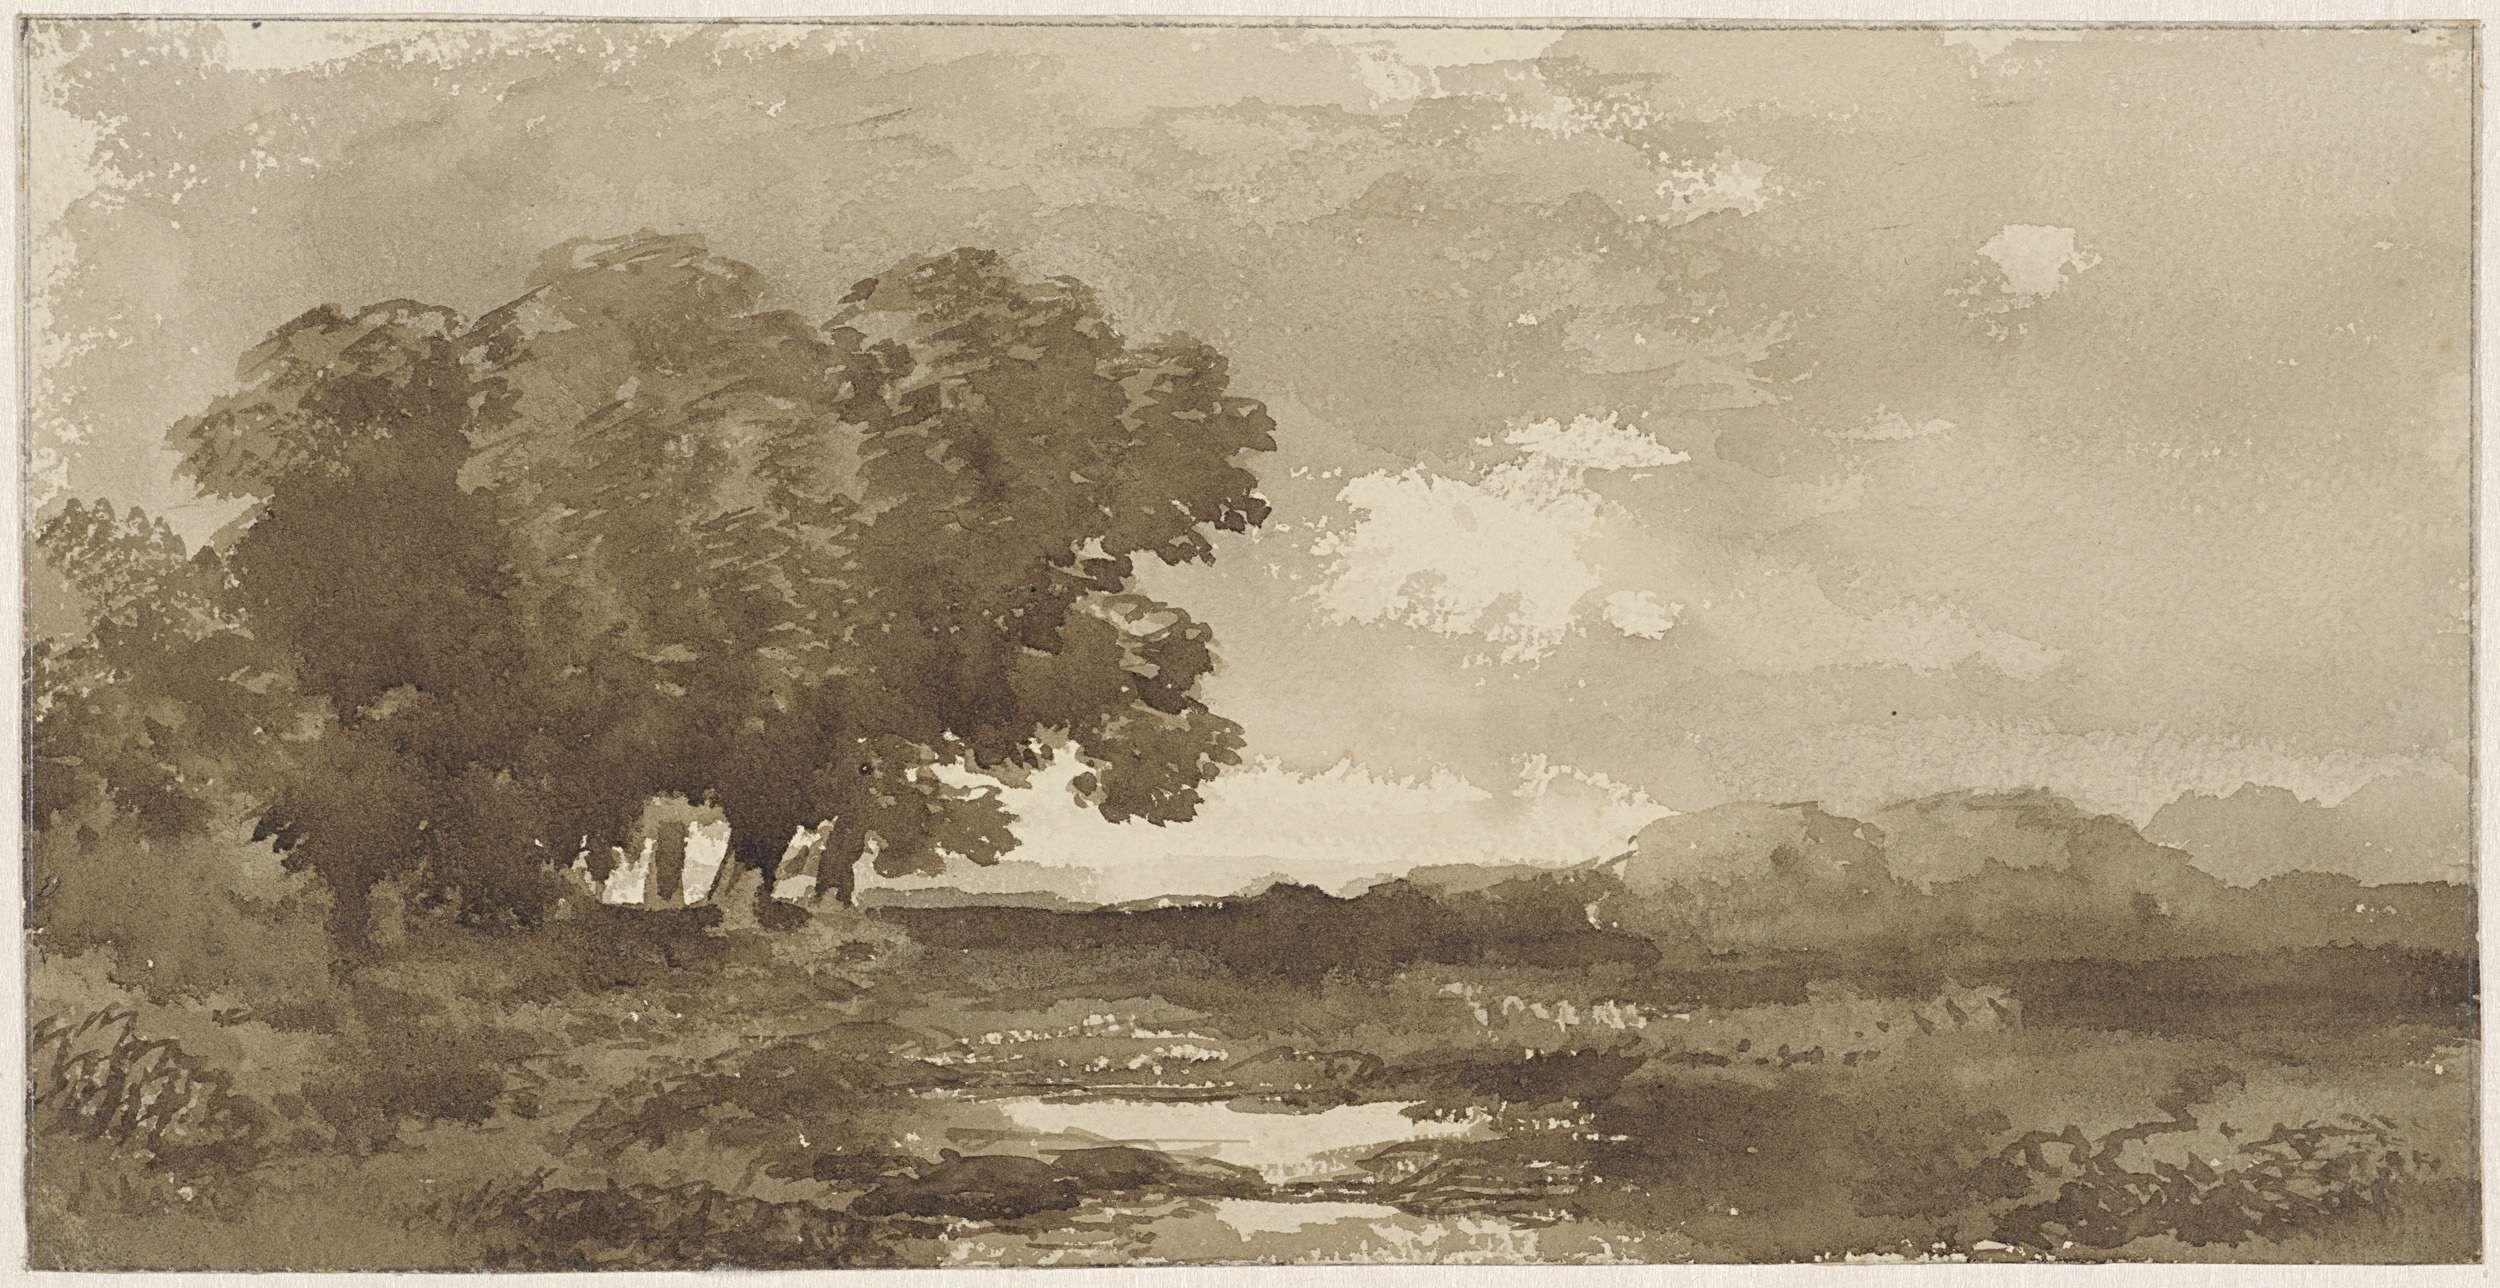 Remigius Adrianus Haanen   Landschap met links bomengroep, Remigius Adrianus Haanen, 1822 - 1894  